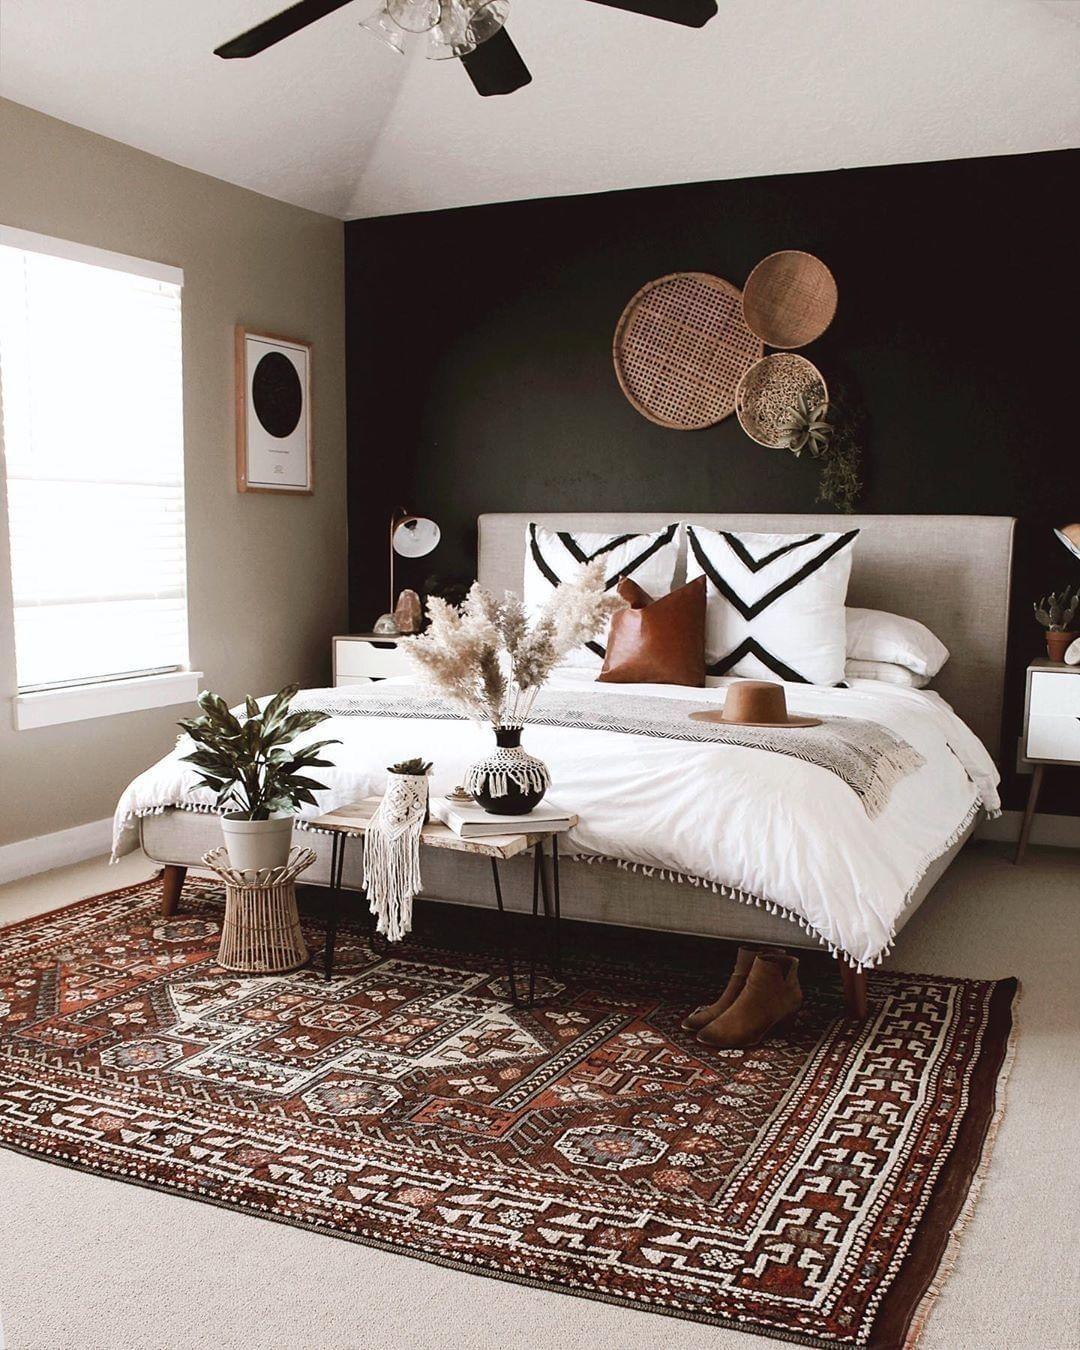 Astuce#Idée #Décoration en 18  Deco chambre a coucher, Deco